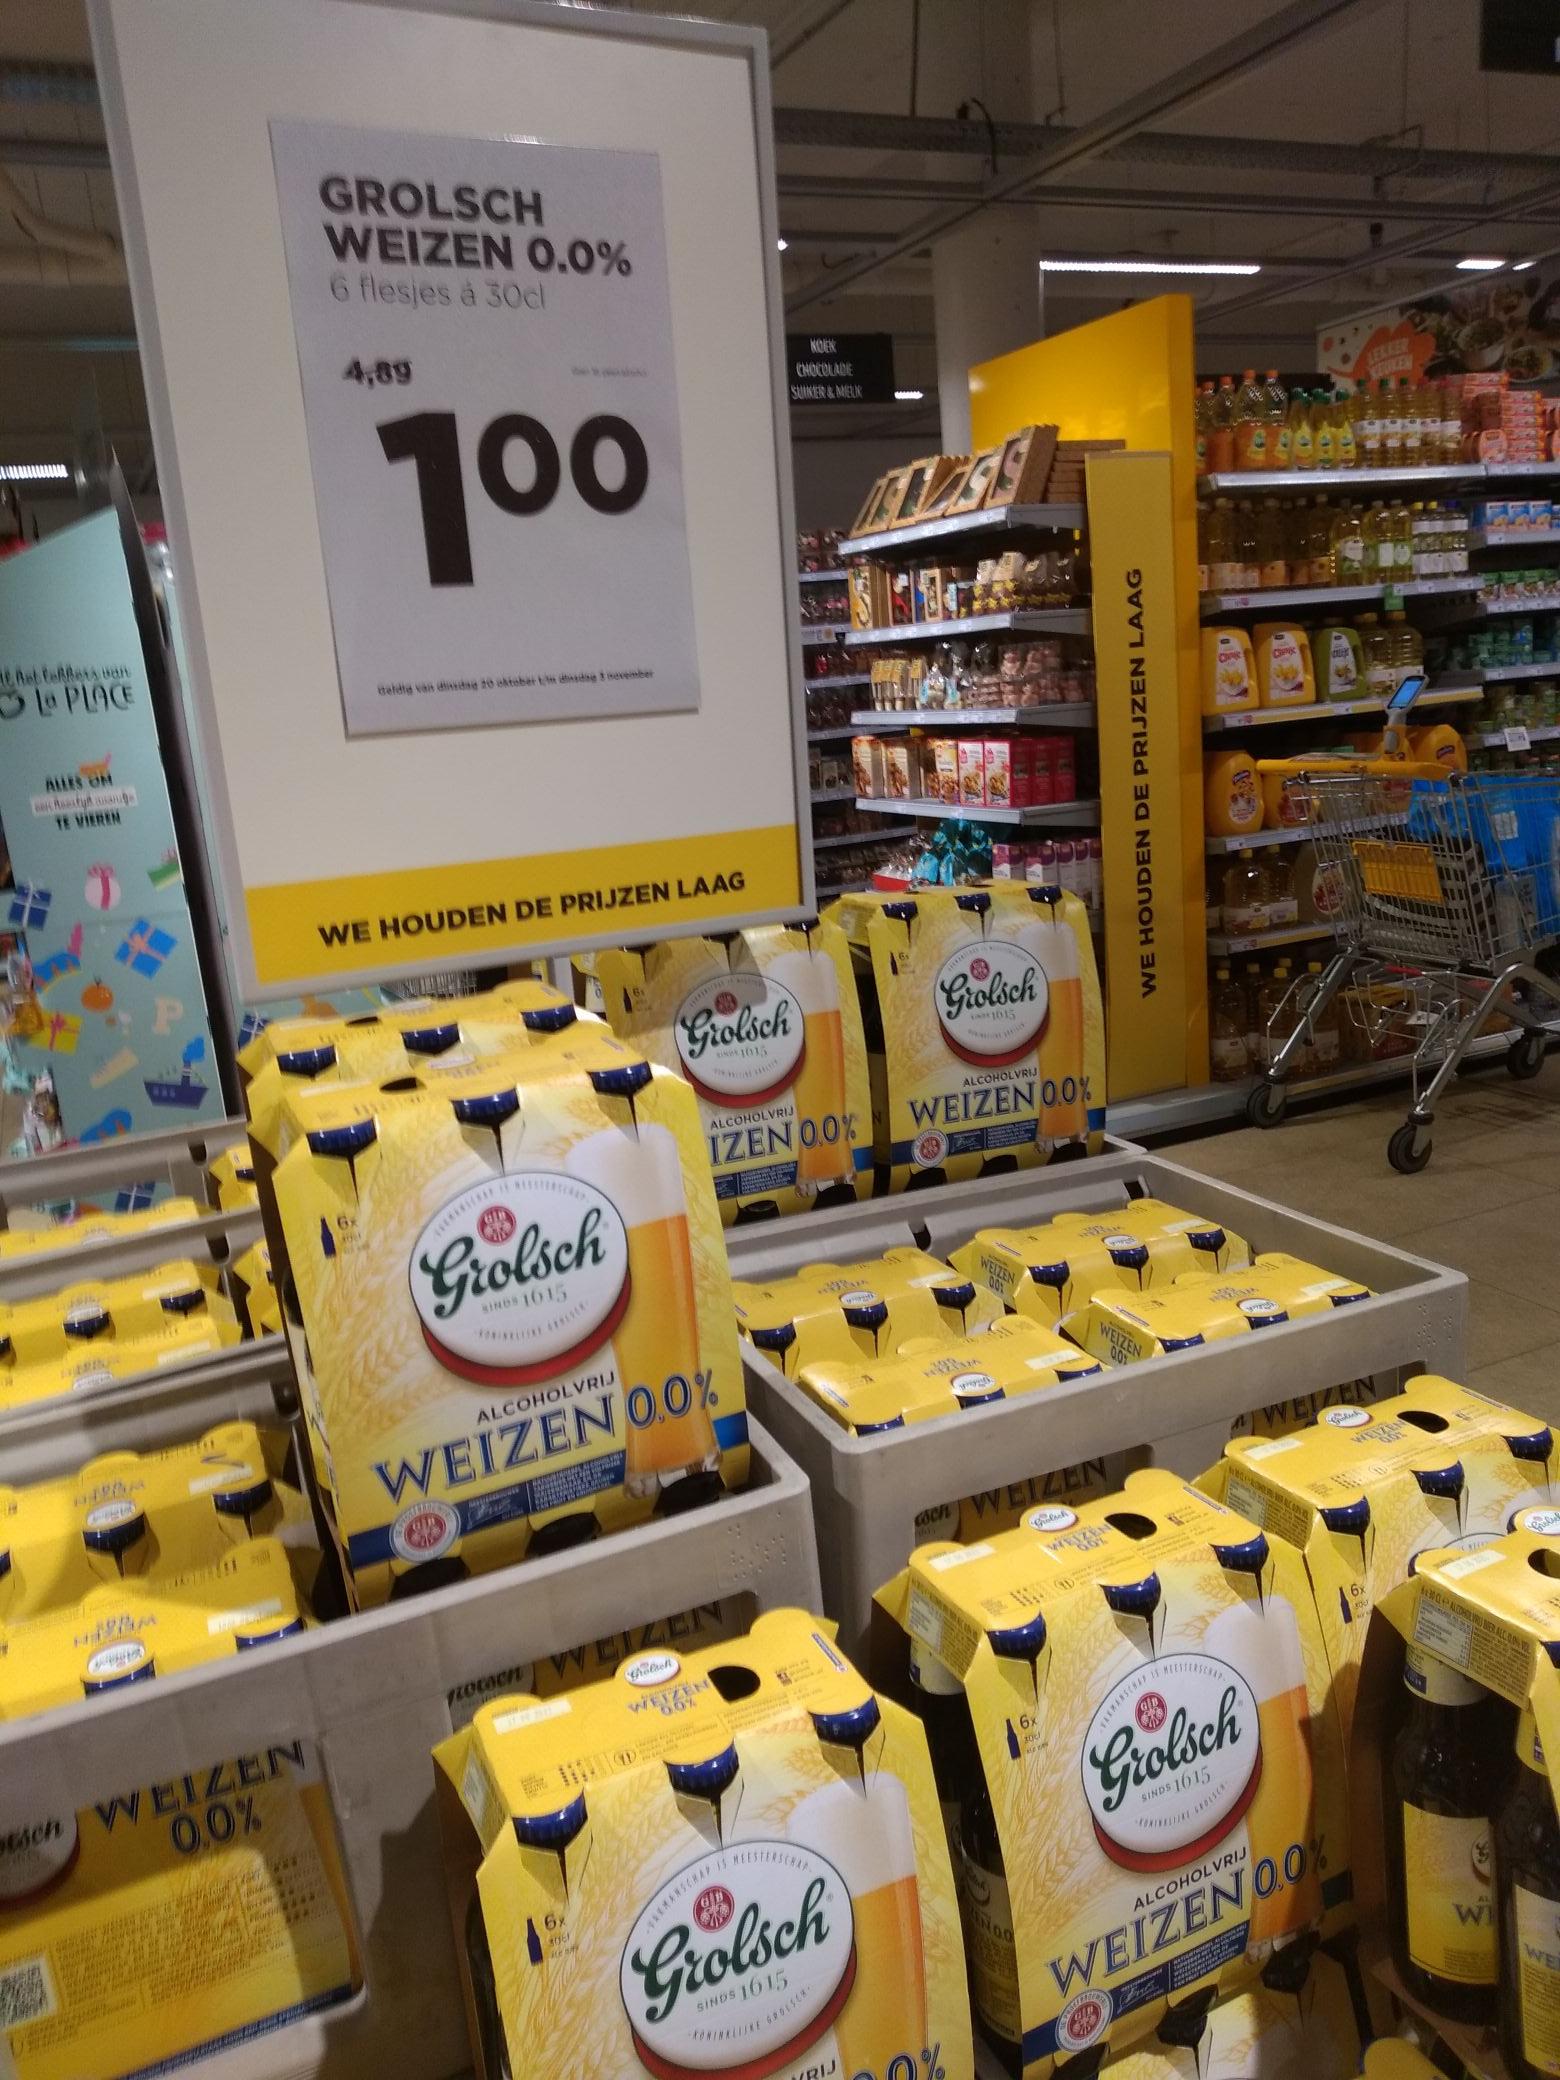 Sixpack Grolsch Weizen 0,0% een euro. Bij Jumbo centrum Hoofddorp (lokaal)